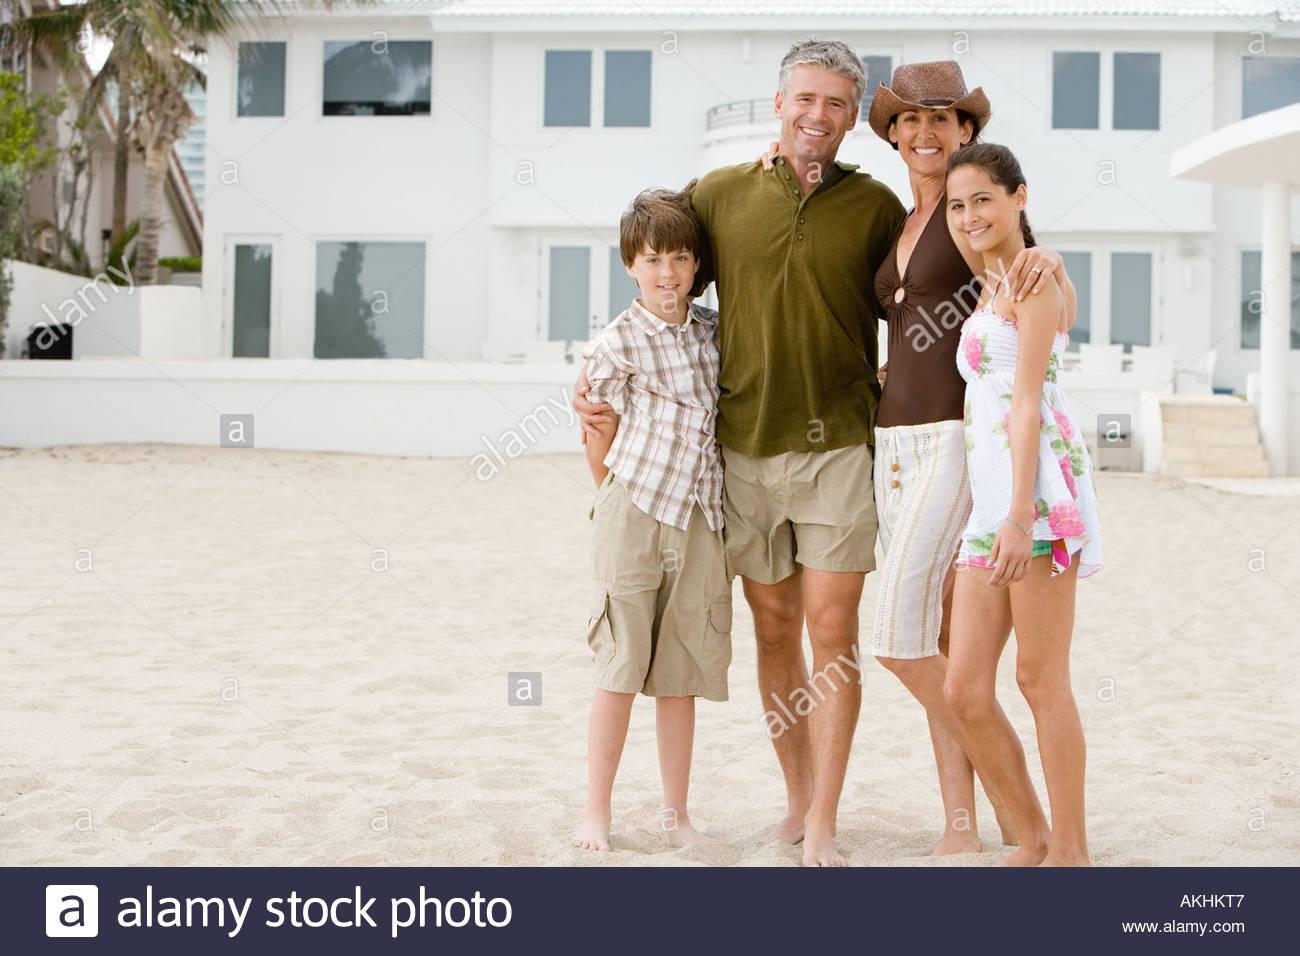 Family at beach house Stock Photo